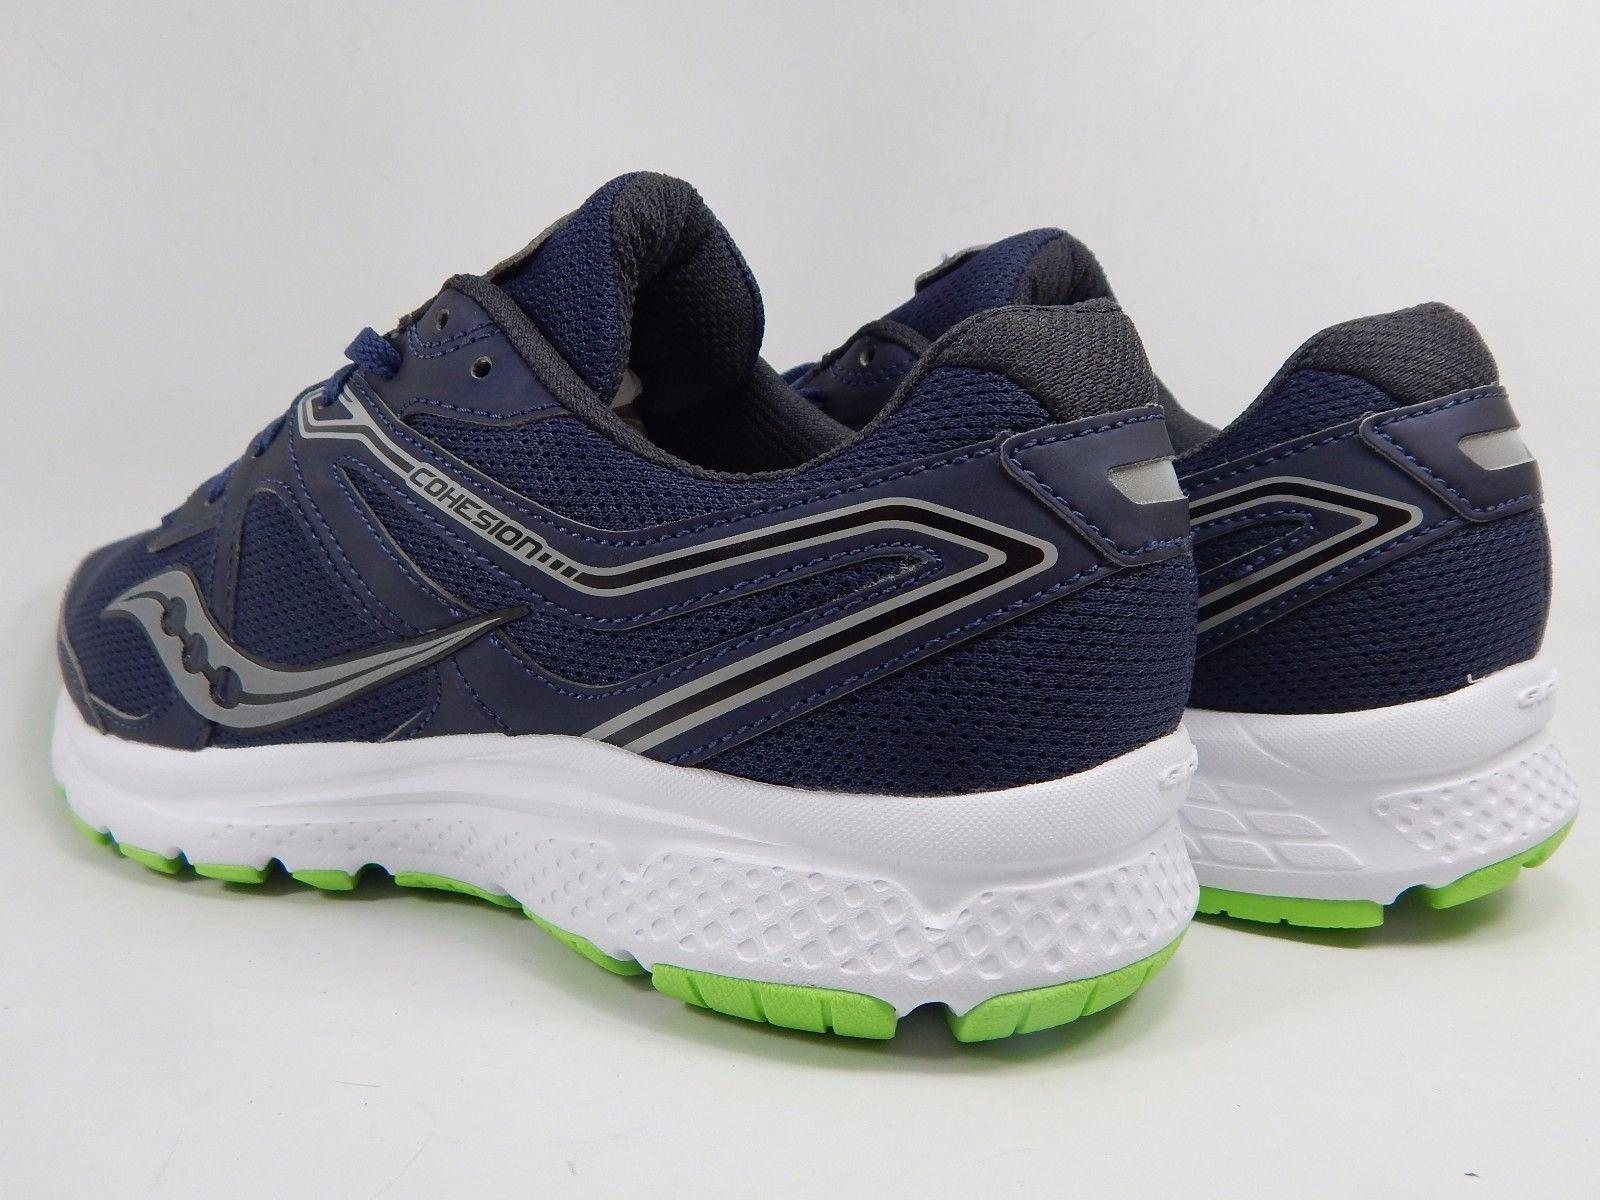 Saucony Grid Cohesion 11 Men's Running Shoes Sz US 9 M (D) EU 42.5 Navy S20420-1